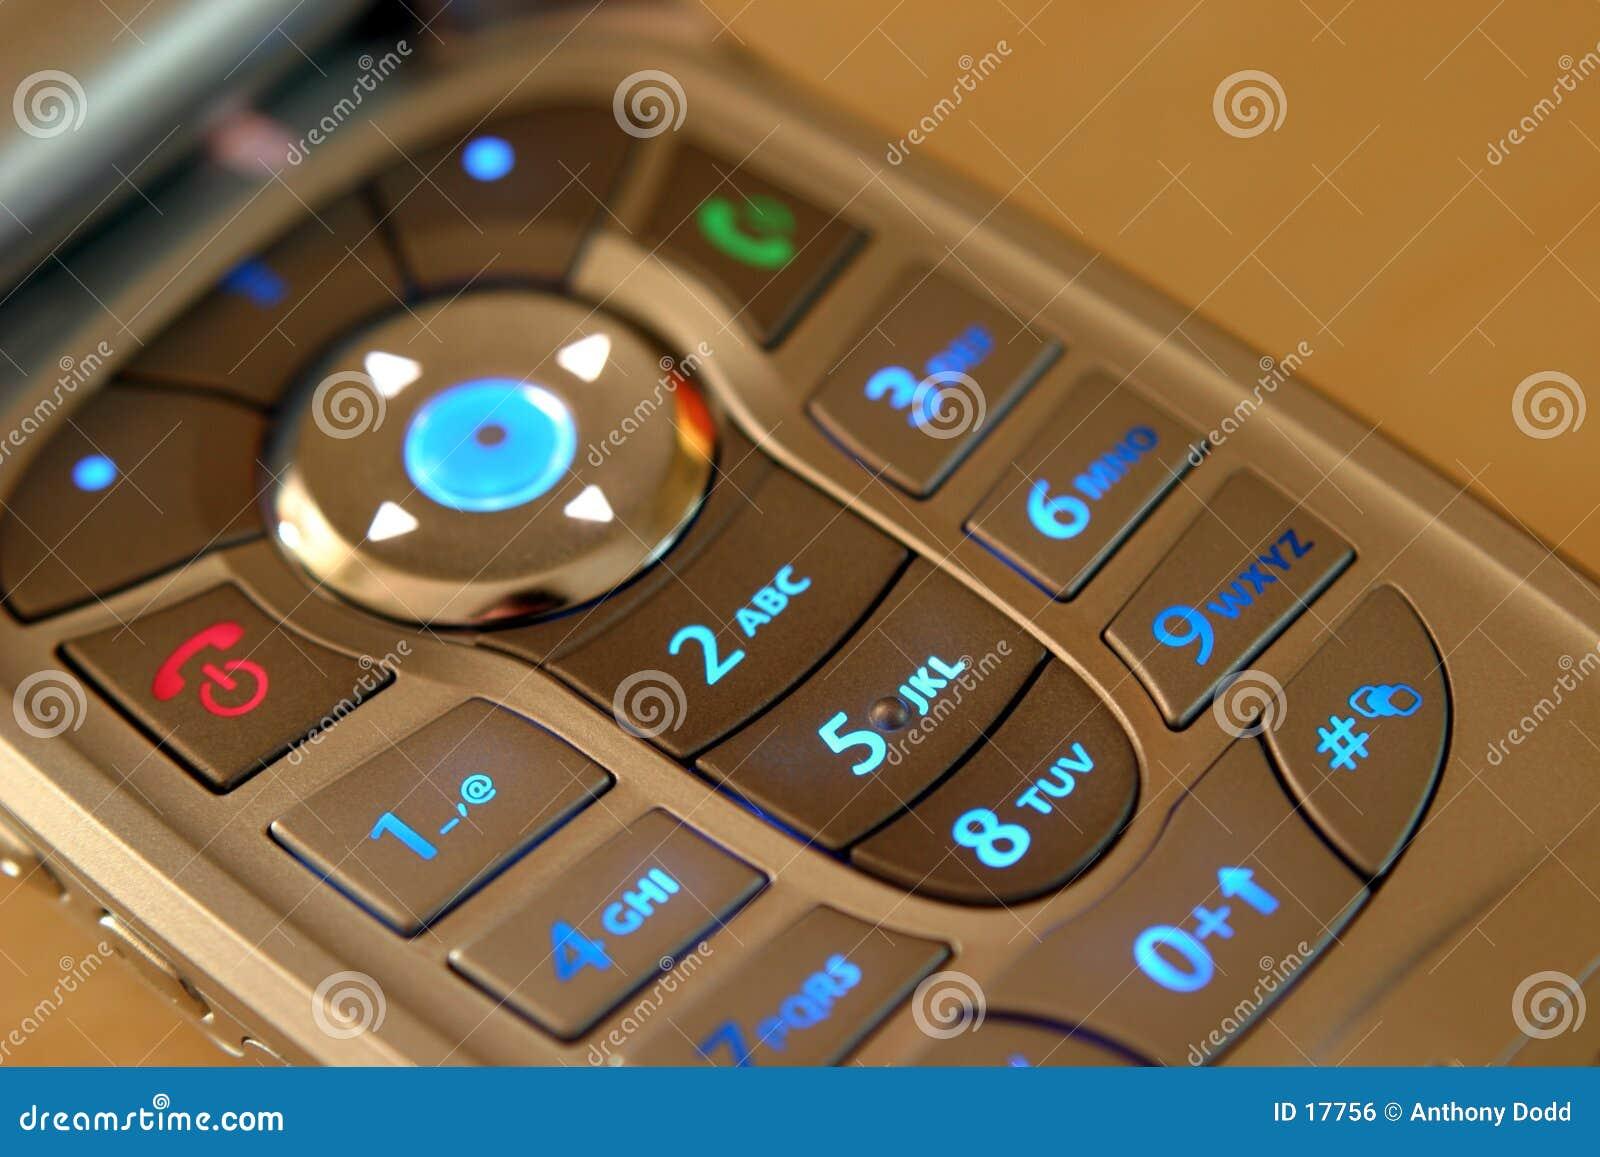 Mobile Phone, Illuminated Keypad